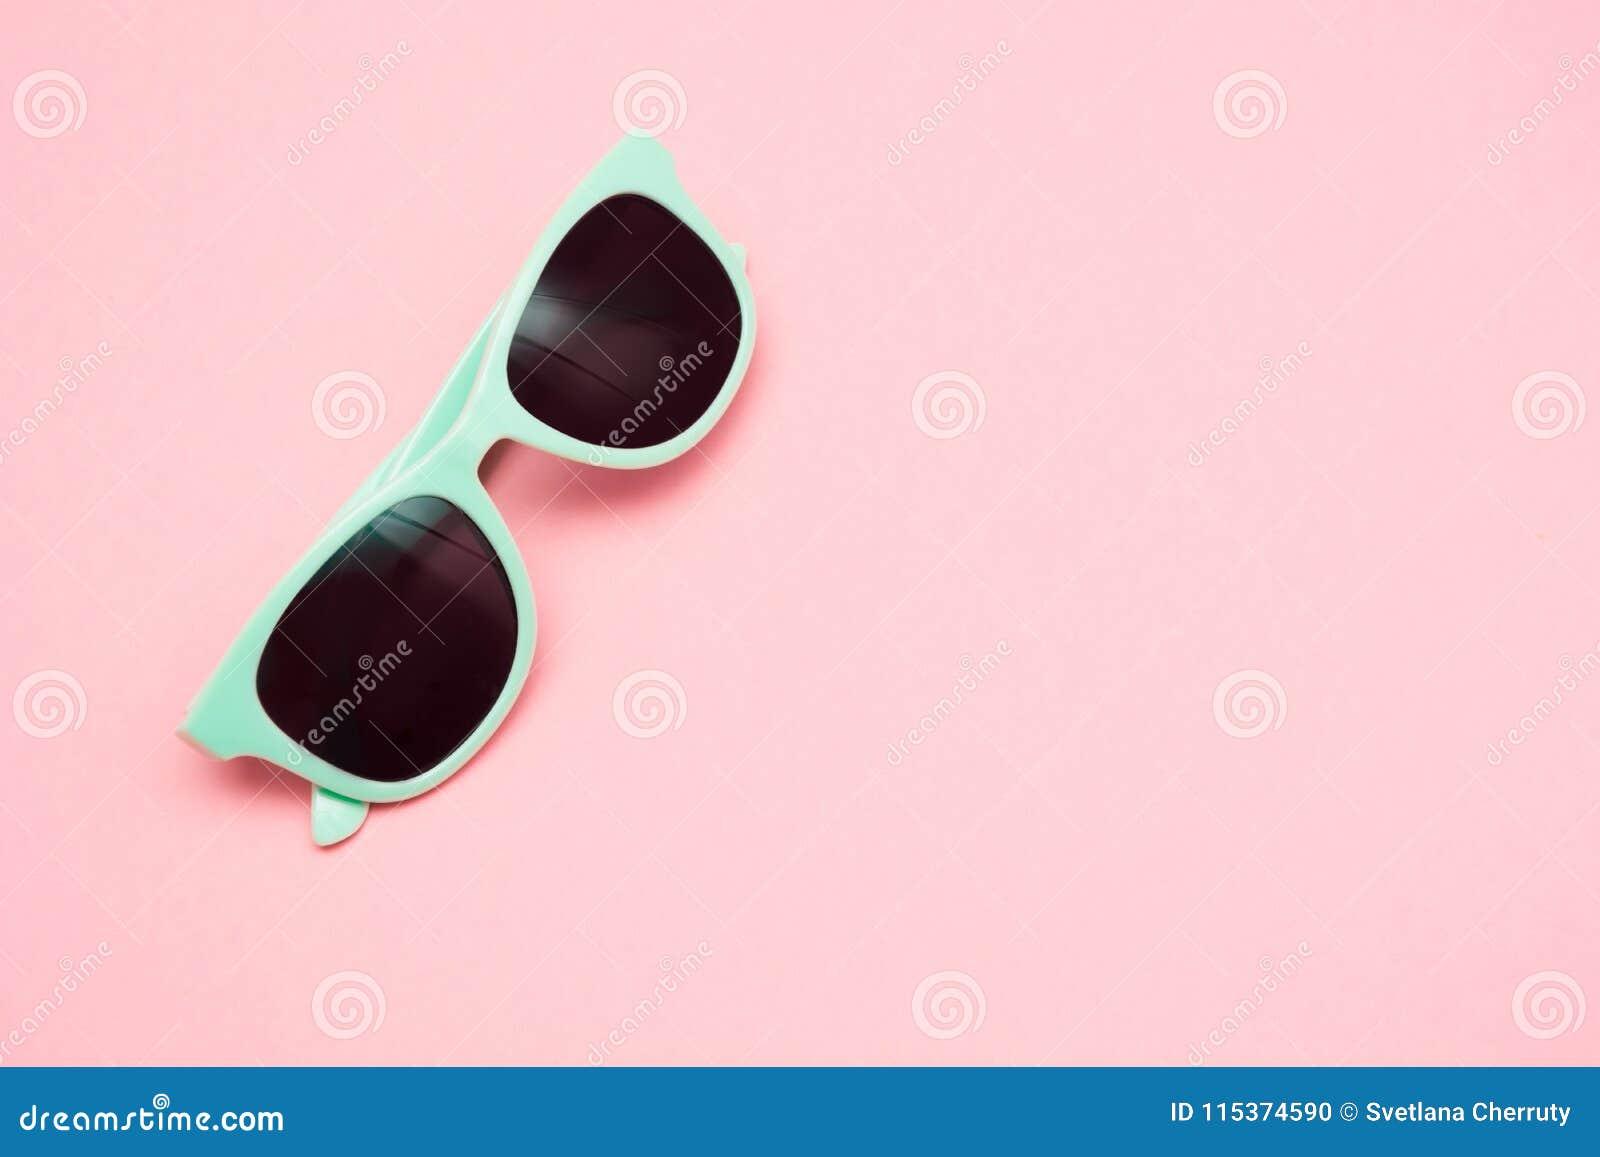 Óculos de sol pasteis verdes isolados na vista cor-de-rosa, superior punchy Copie o espaço Conceito do verão